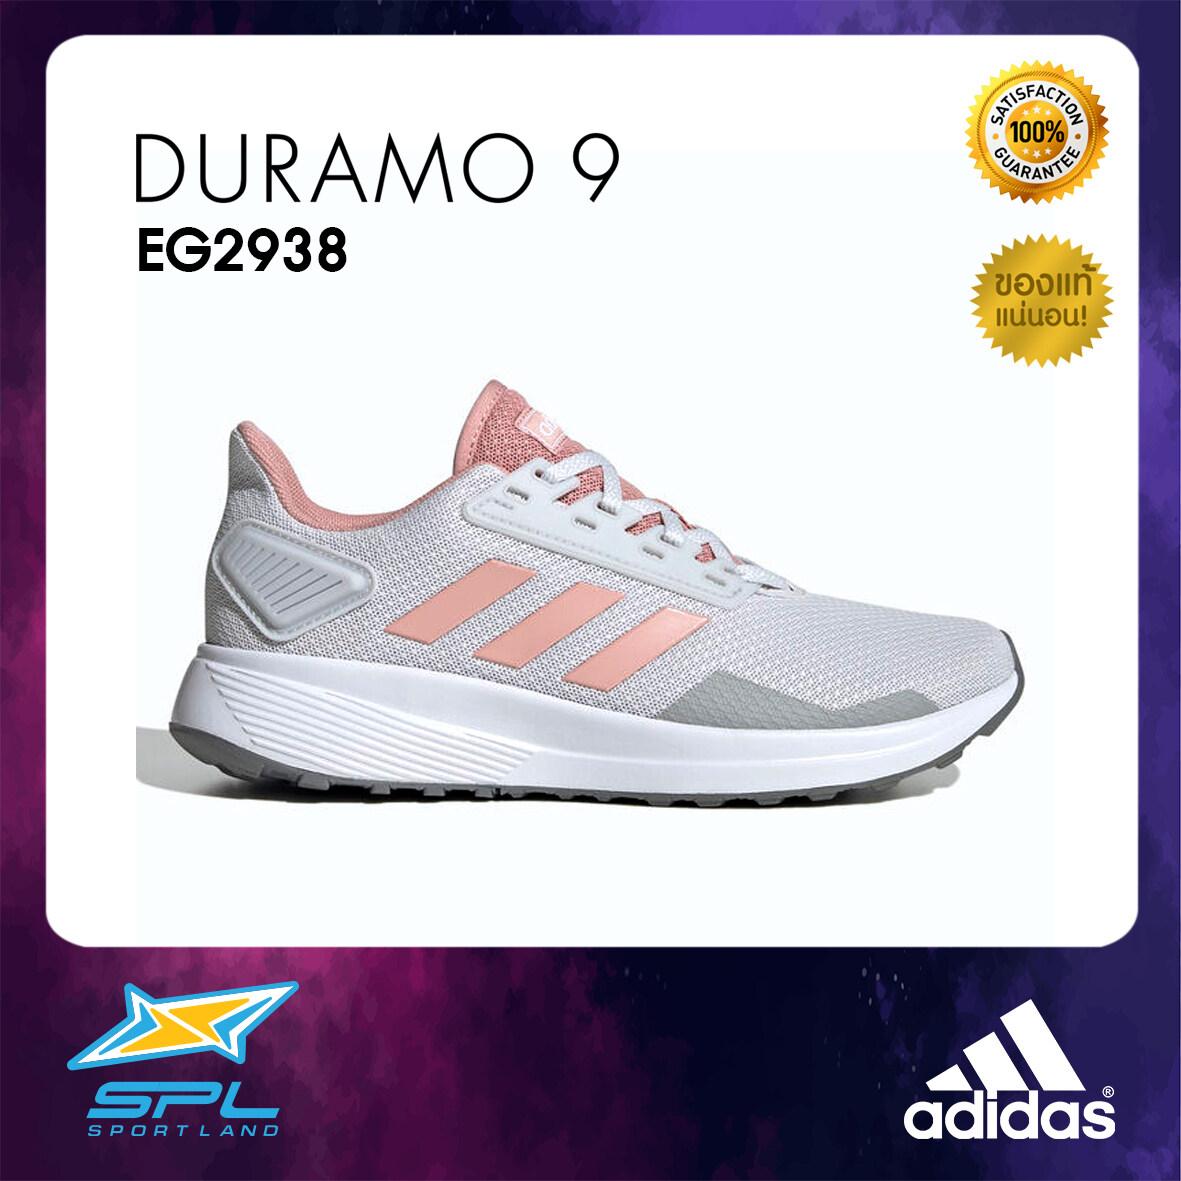 Adidas รองเท้าวิ่ง รองเท้าออกกำลังกาย รองเท้าผู้หญิง อดิดาส Runing Women Shoe Duramo 9 Eg2938 (2000).